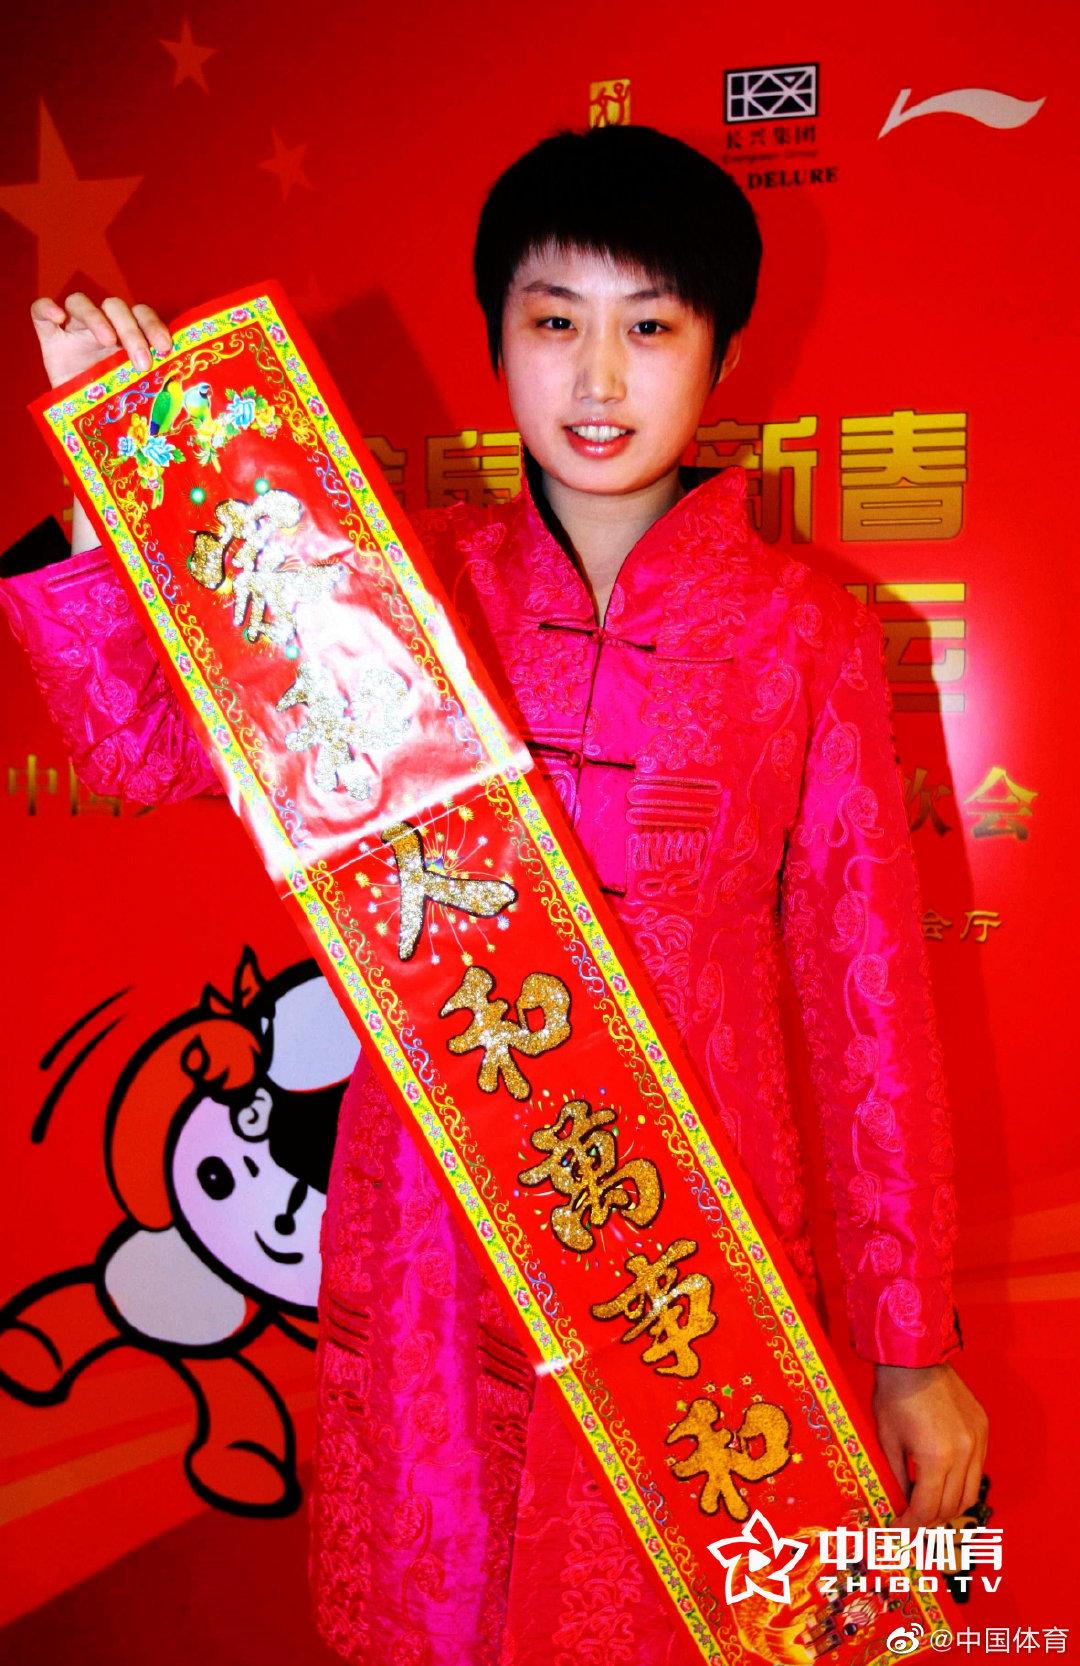 中国乒乓球队的各位大小魔王们,身穿喜庆的唐装